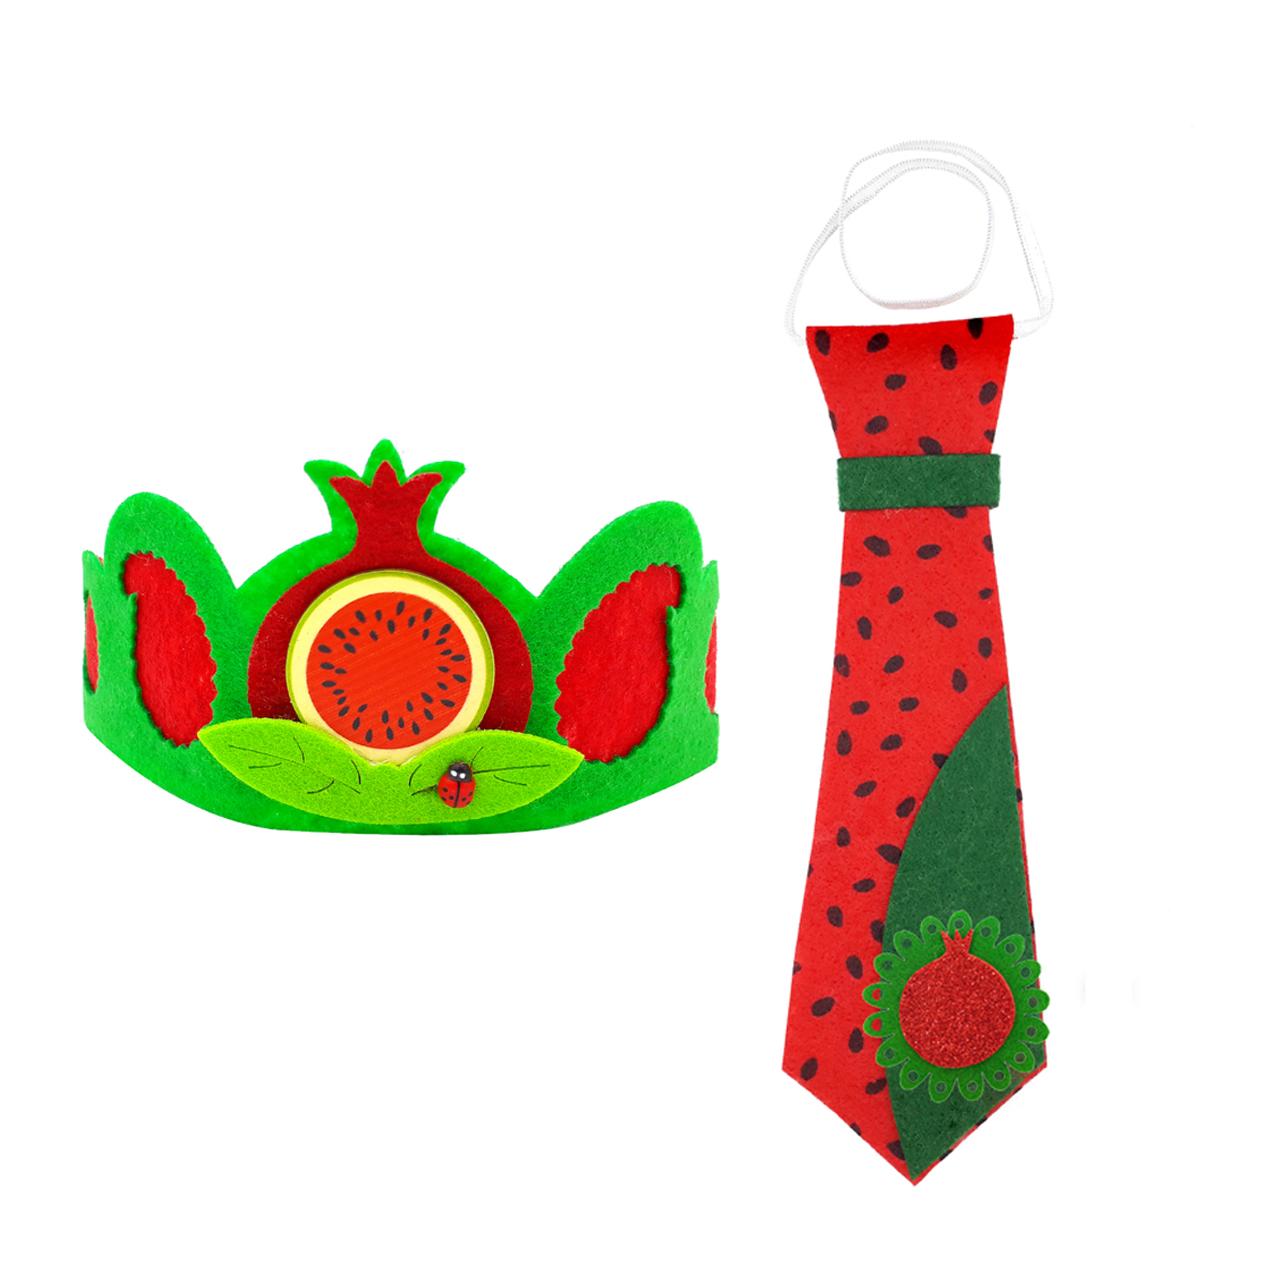 عکس کراوات تزیینی طرح هندوانه یلدا مدل mk395 به همراه تل مو